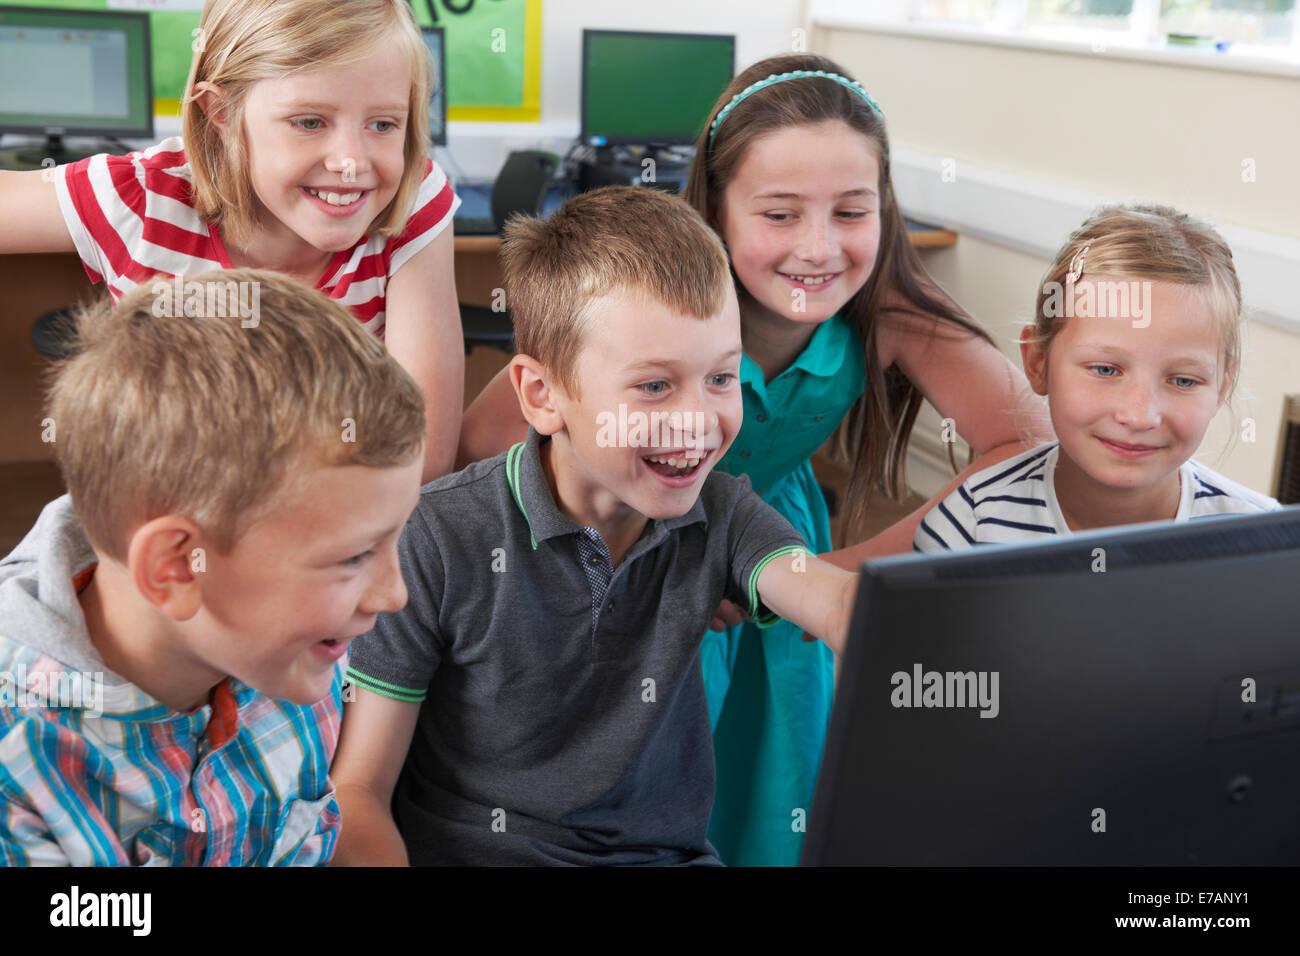 Un grupo de alumnos de primaria en clase de computación Imagen De Stock